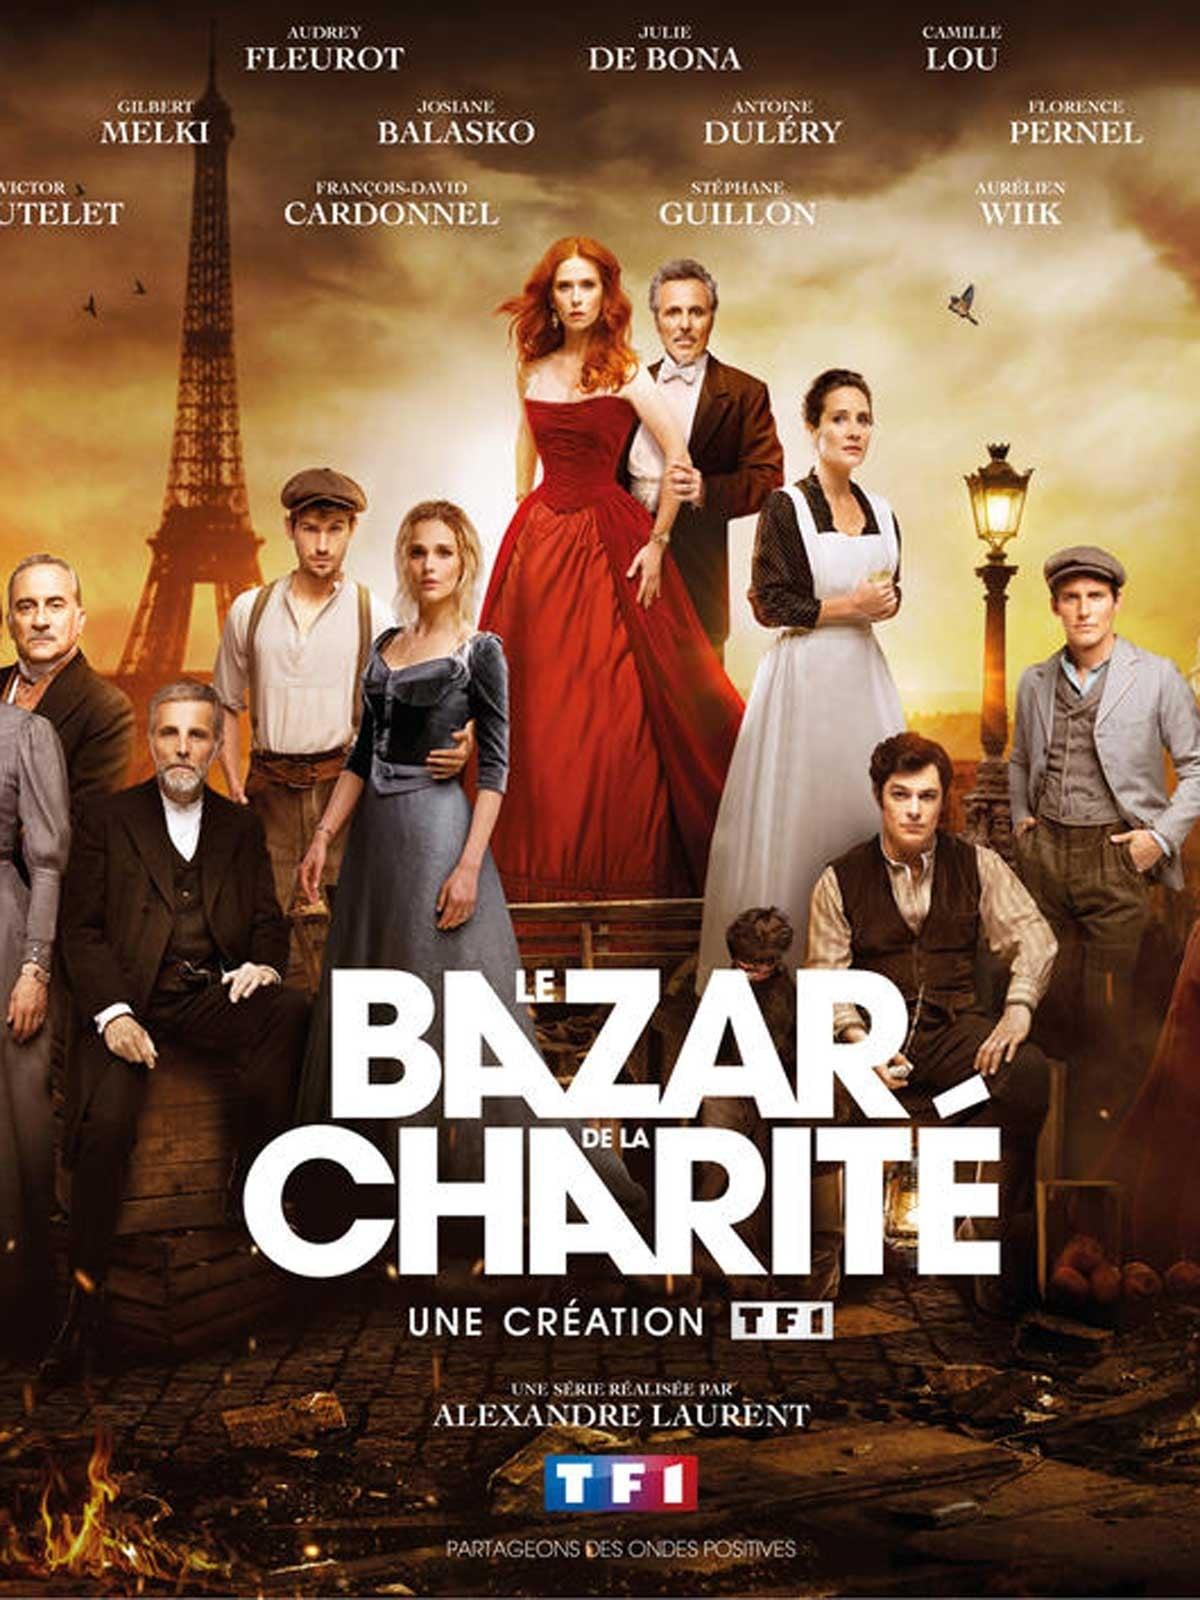 Le bazar de la charité (2019)